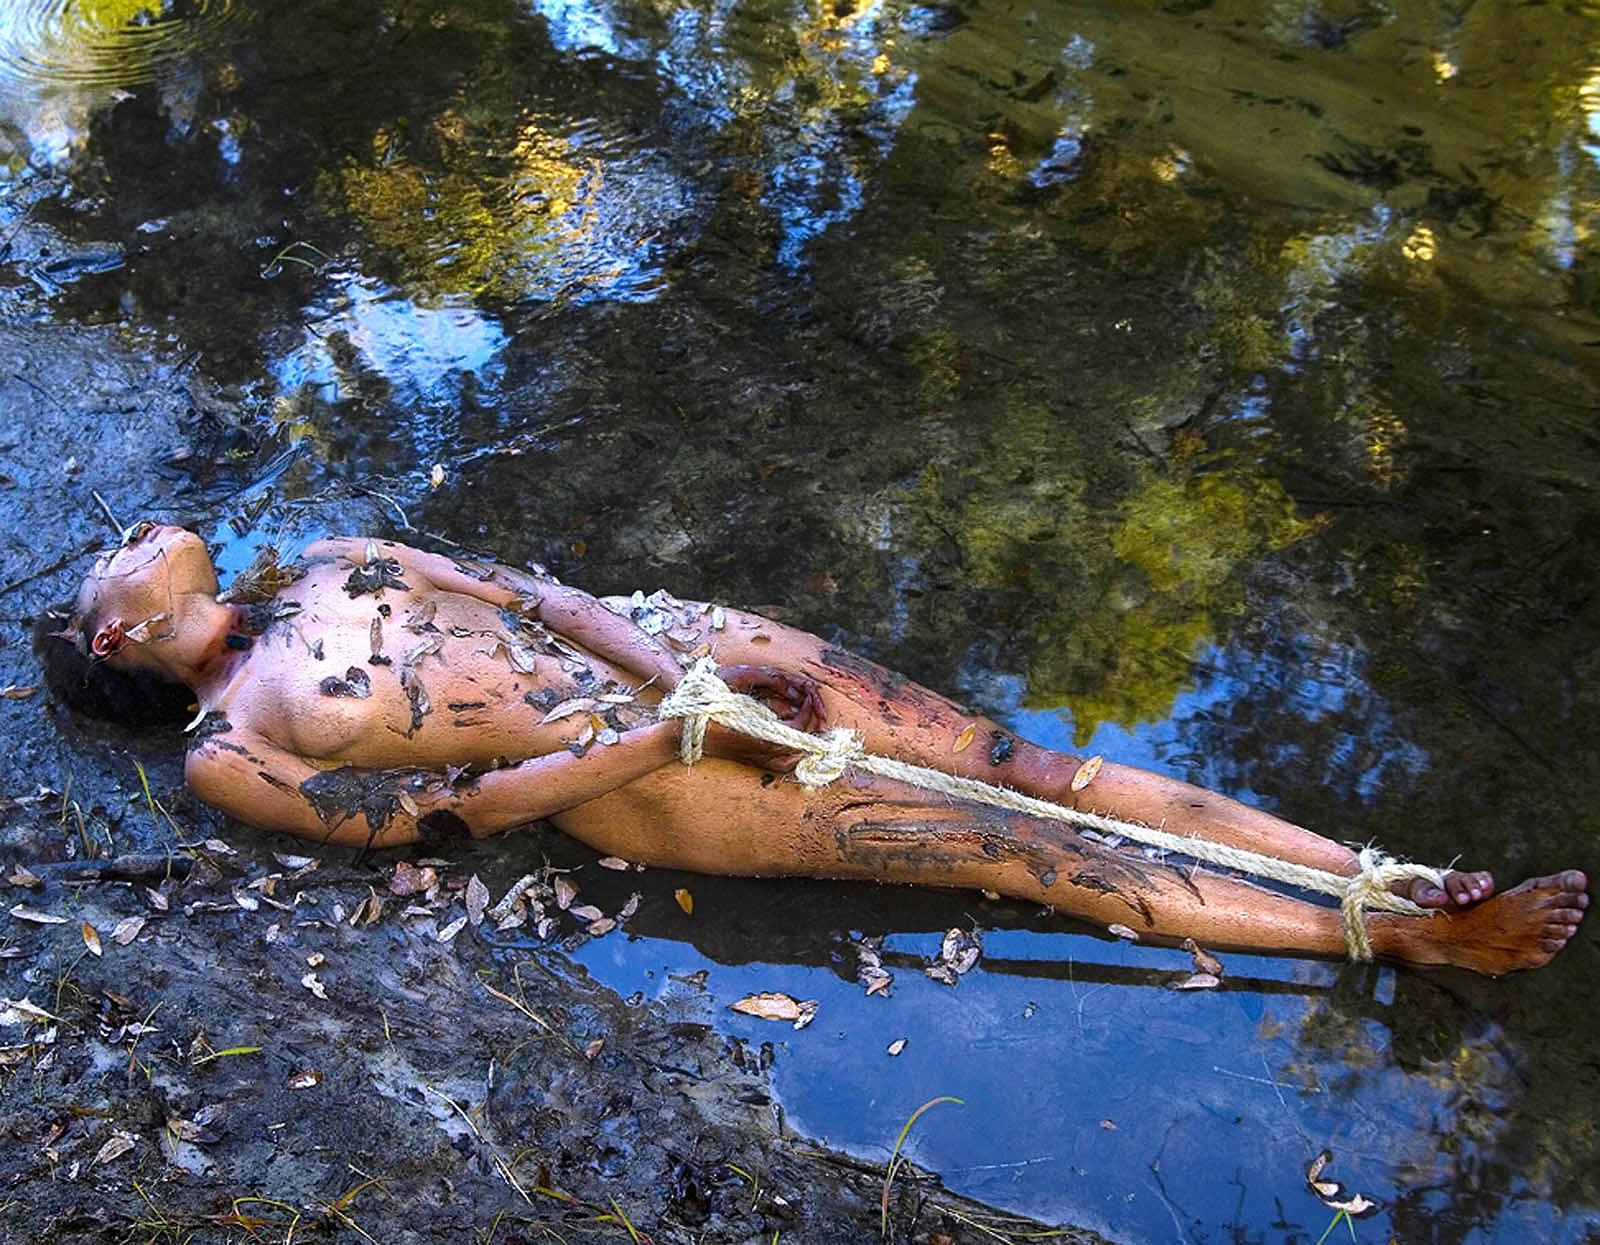 レイプ後の殺人現場画像、、、胸糞悪い。。コレガチ混ざってんじゃね???(画像あり)・11枚目